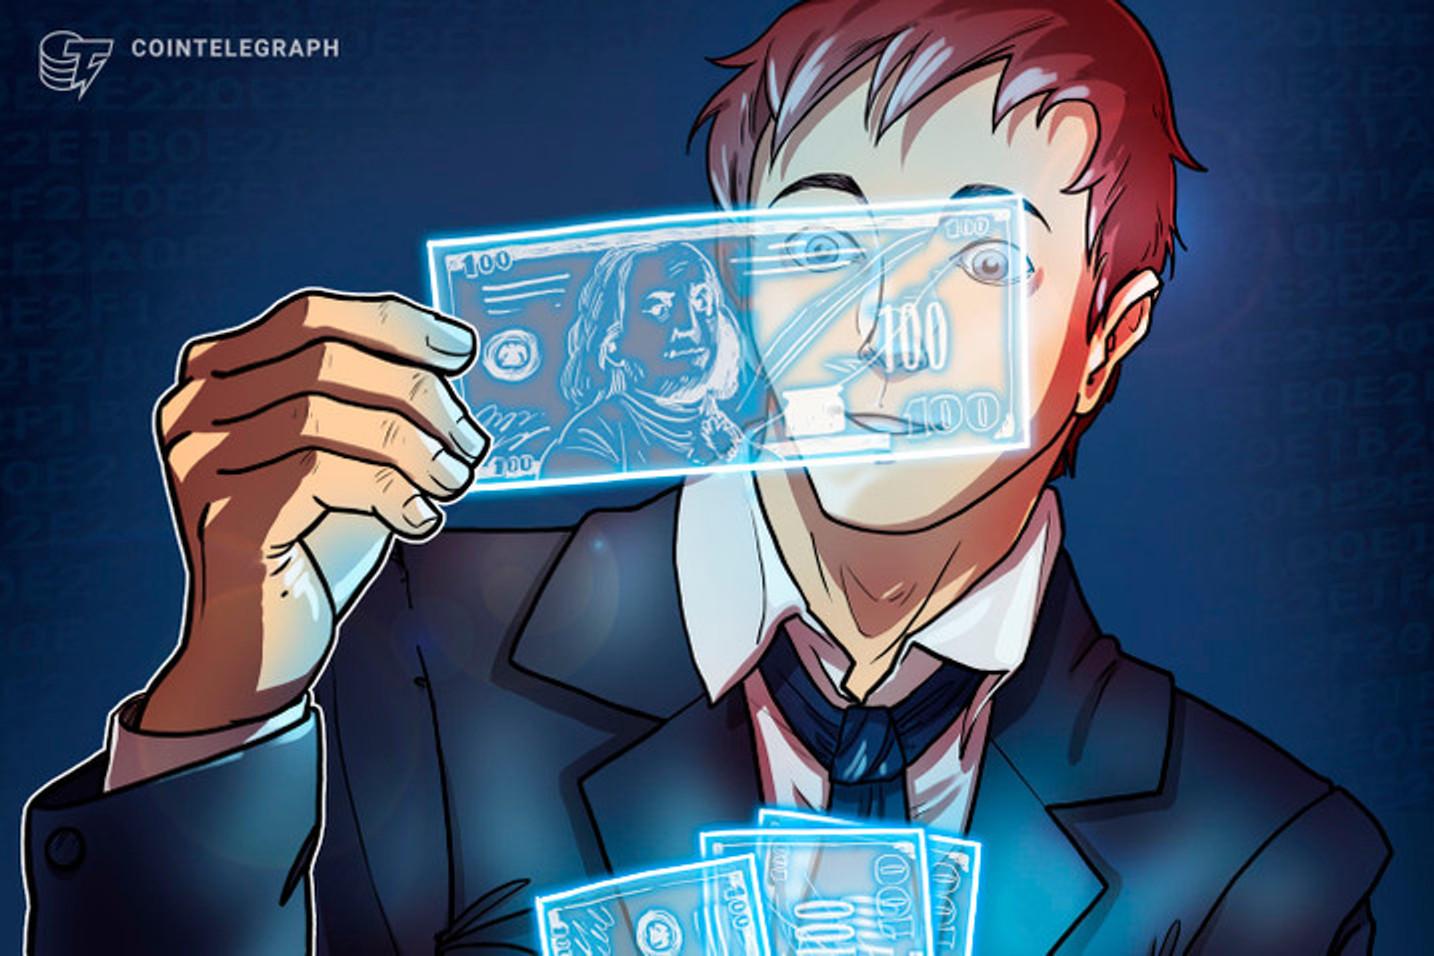 Governo de SC compra respiradores 'fantasmas' por R$ 33 milhões em esquema que envolveria pirâmide de Bitcoin